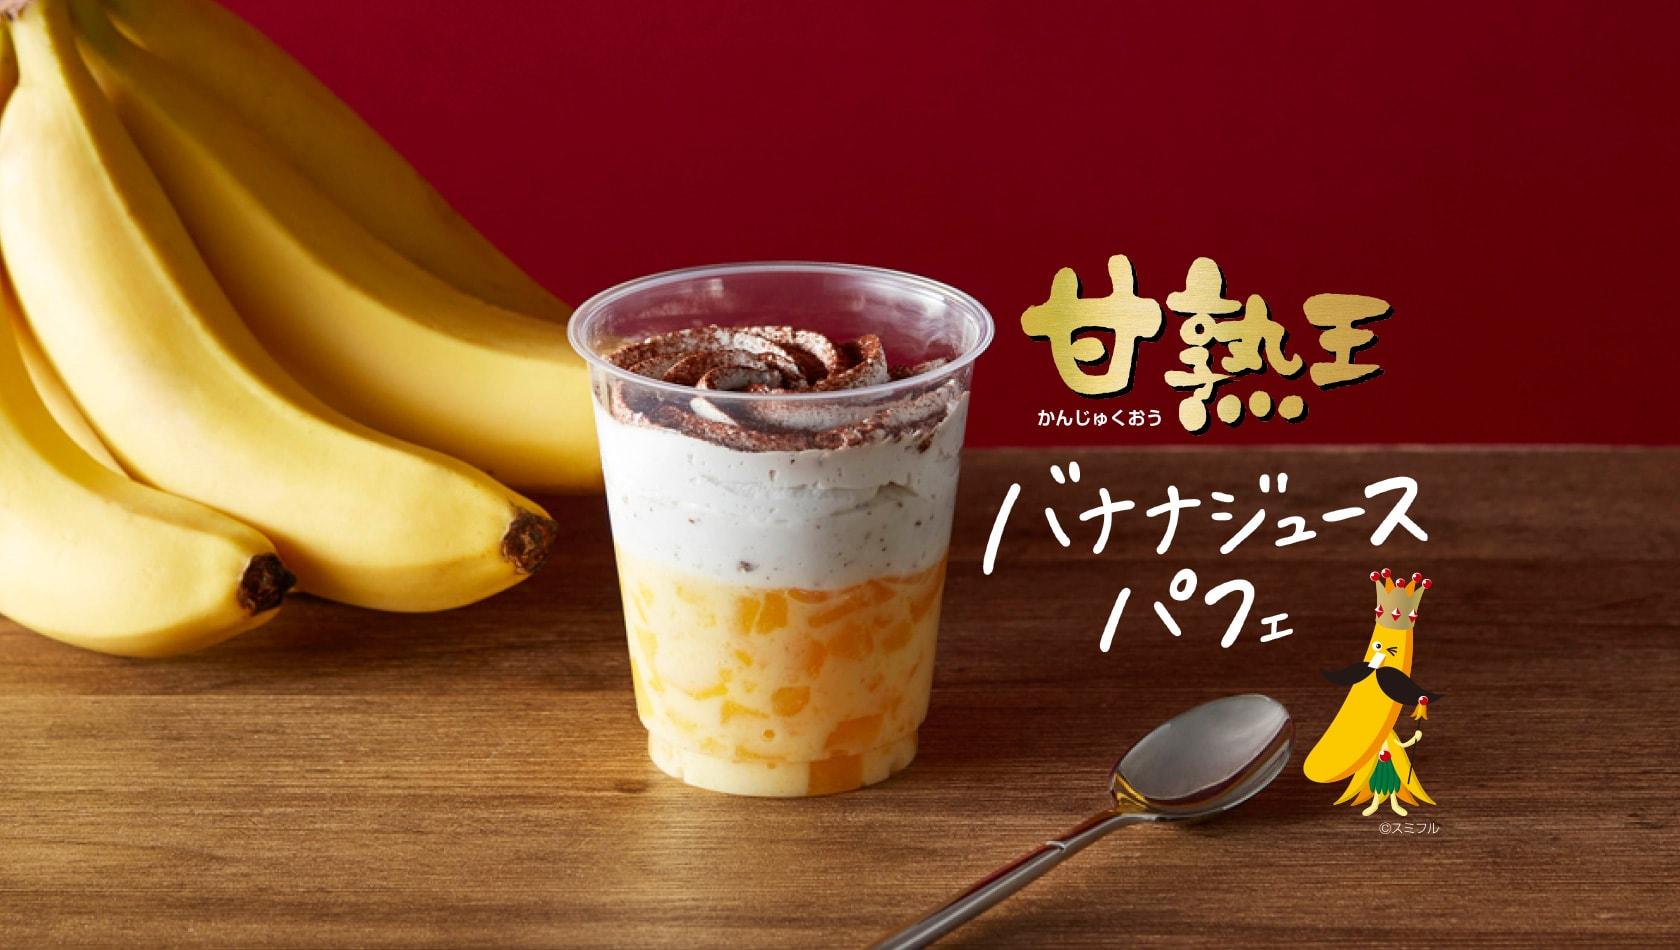 甘熟王 バナナジュースパフェ